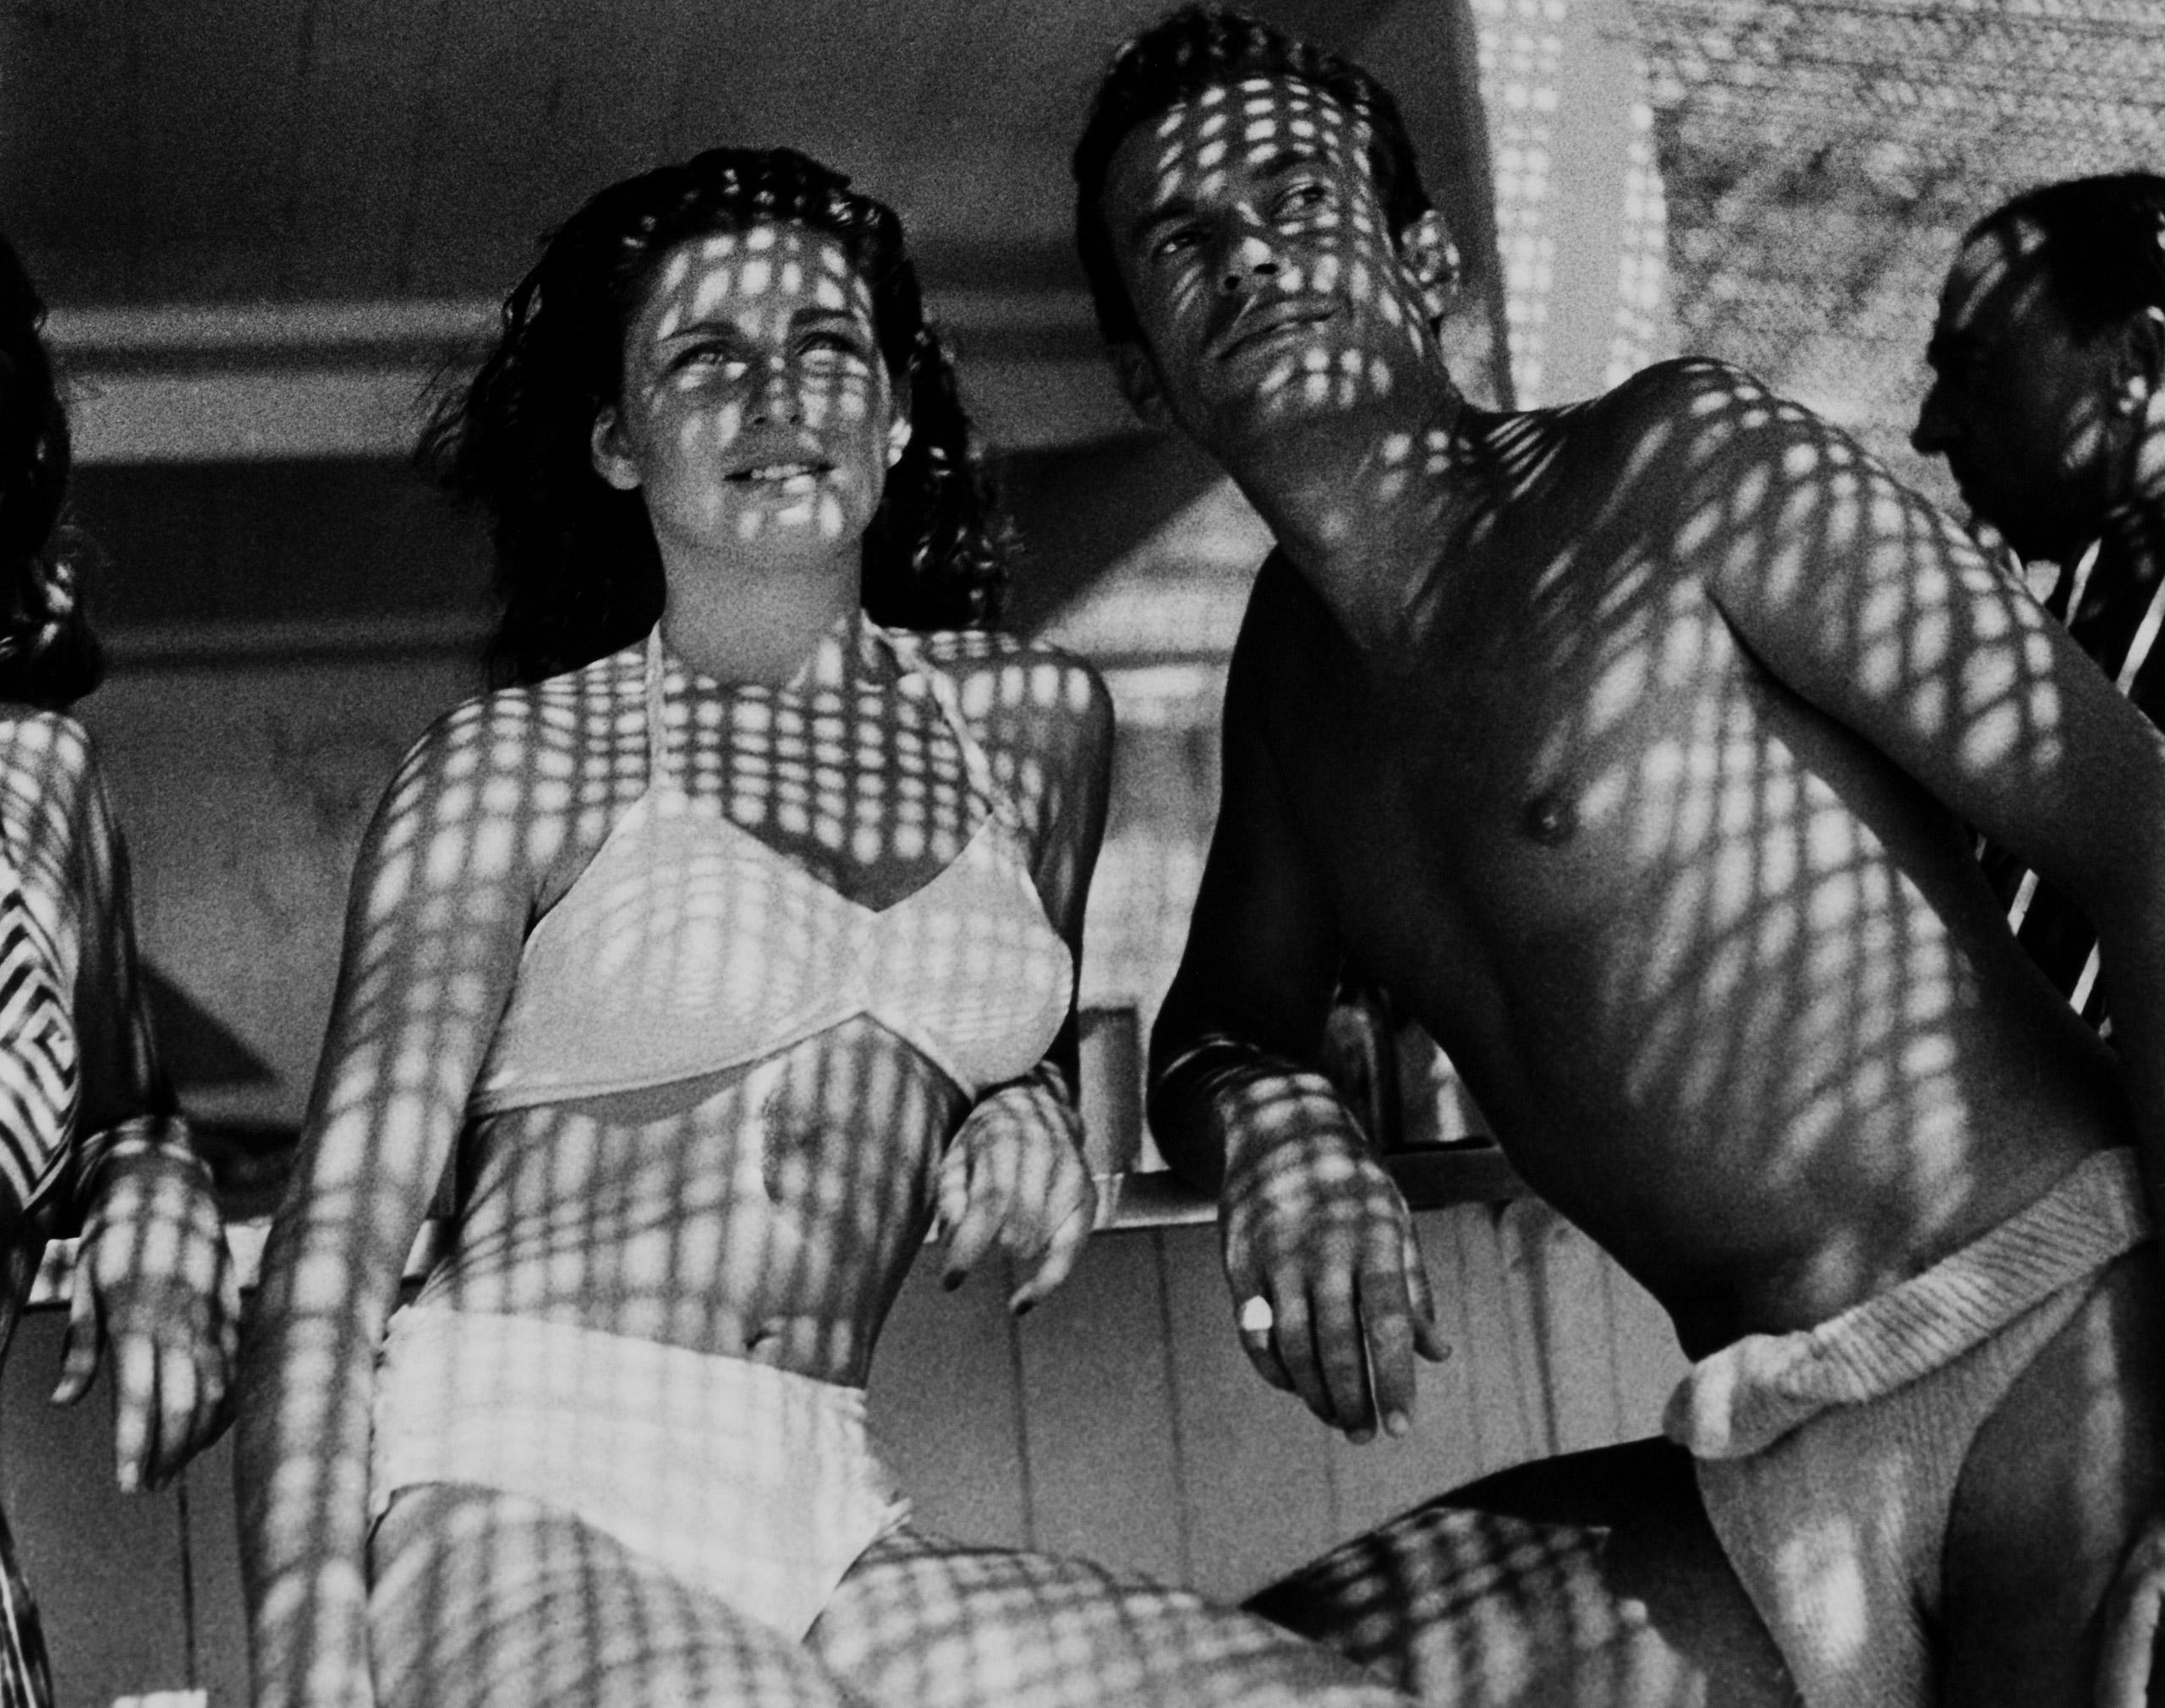 Pierre Dudan in Cannes, France in 1946.